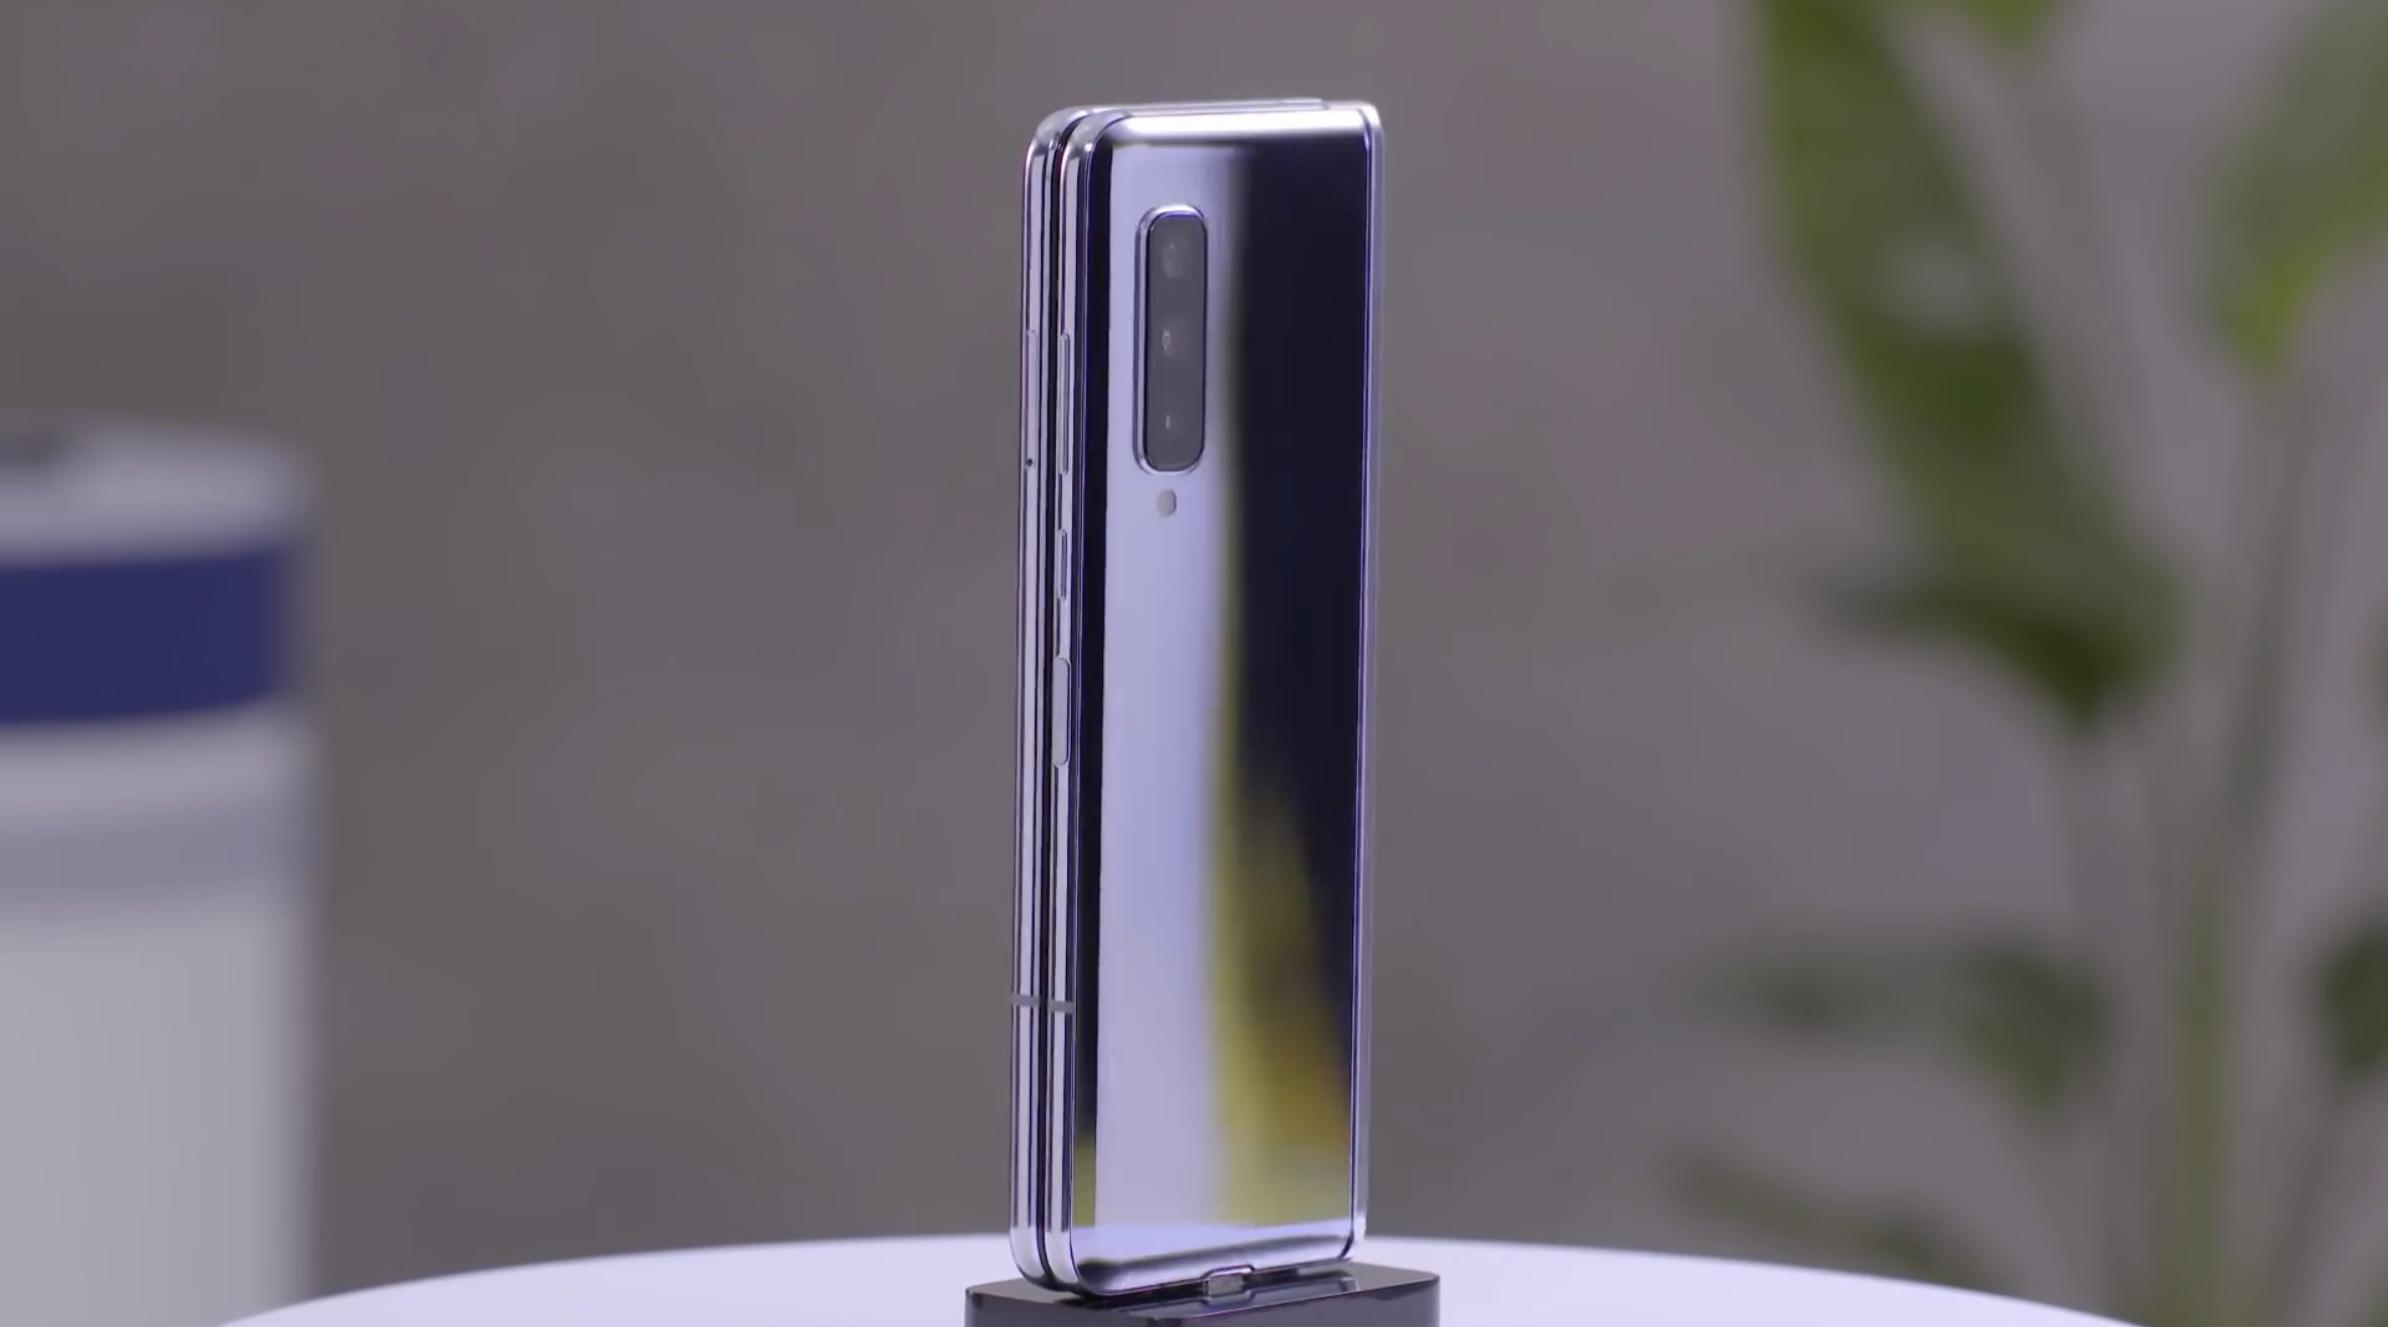 Así es el Mate X, el nuevo celu plegable de Huawei